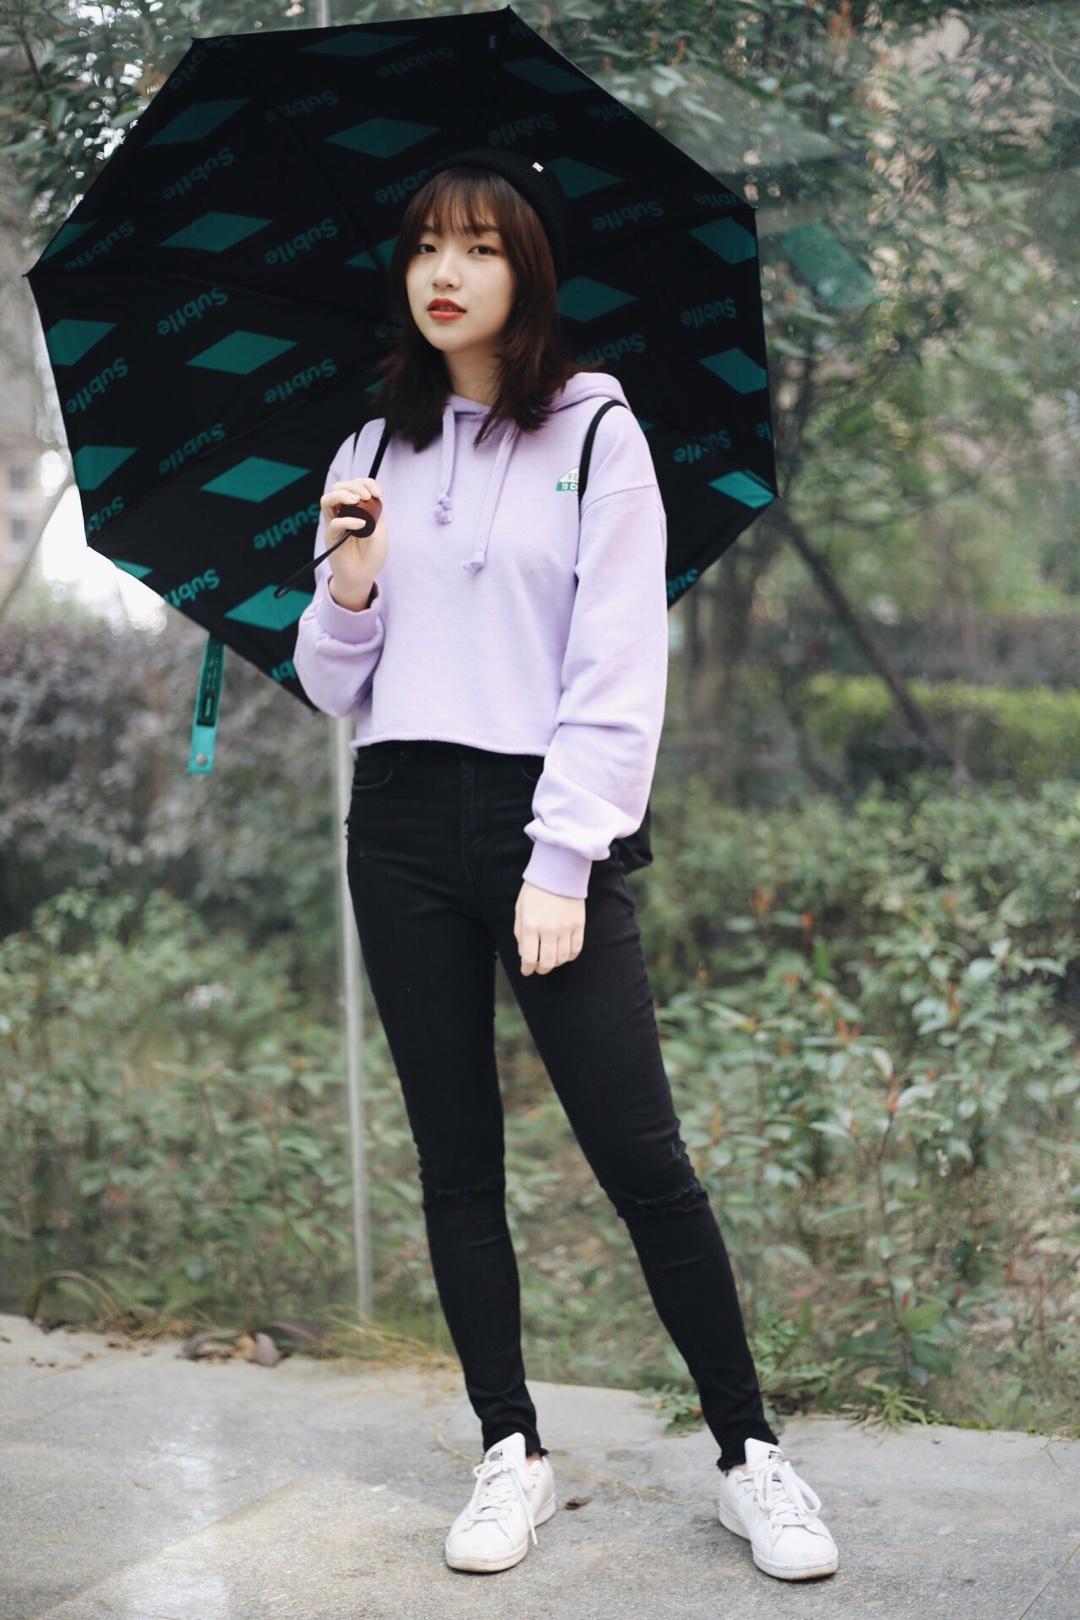 #10代少女都爱运动风#  紫色运动风卫衣搭配 真的觉得紫色超级少女的 怎么以前没发现 紫色的卫衣特别又清新  搭配黑色单品就很好 运动风格真的超级青春有活力  店铺名字都在图里哦 你喜欢今天的look吗? 欢迎评论与我互动 🧣:四点水牧童